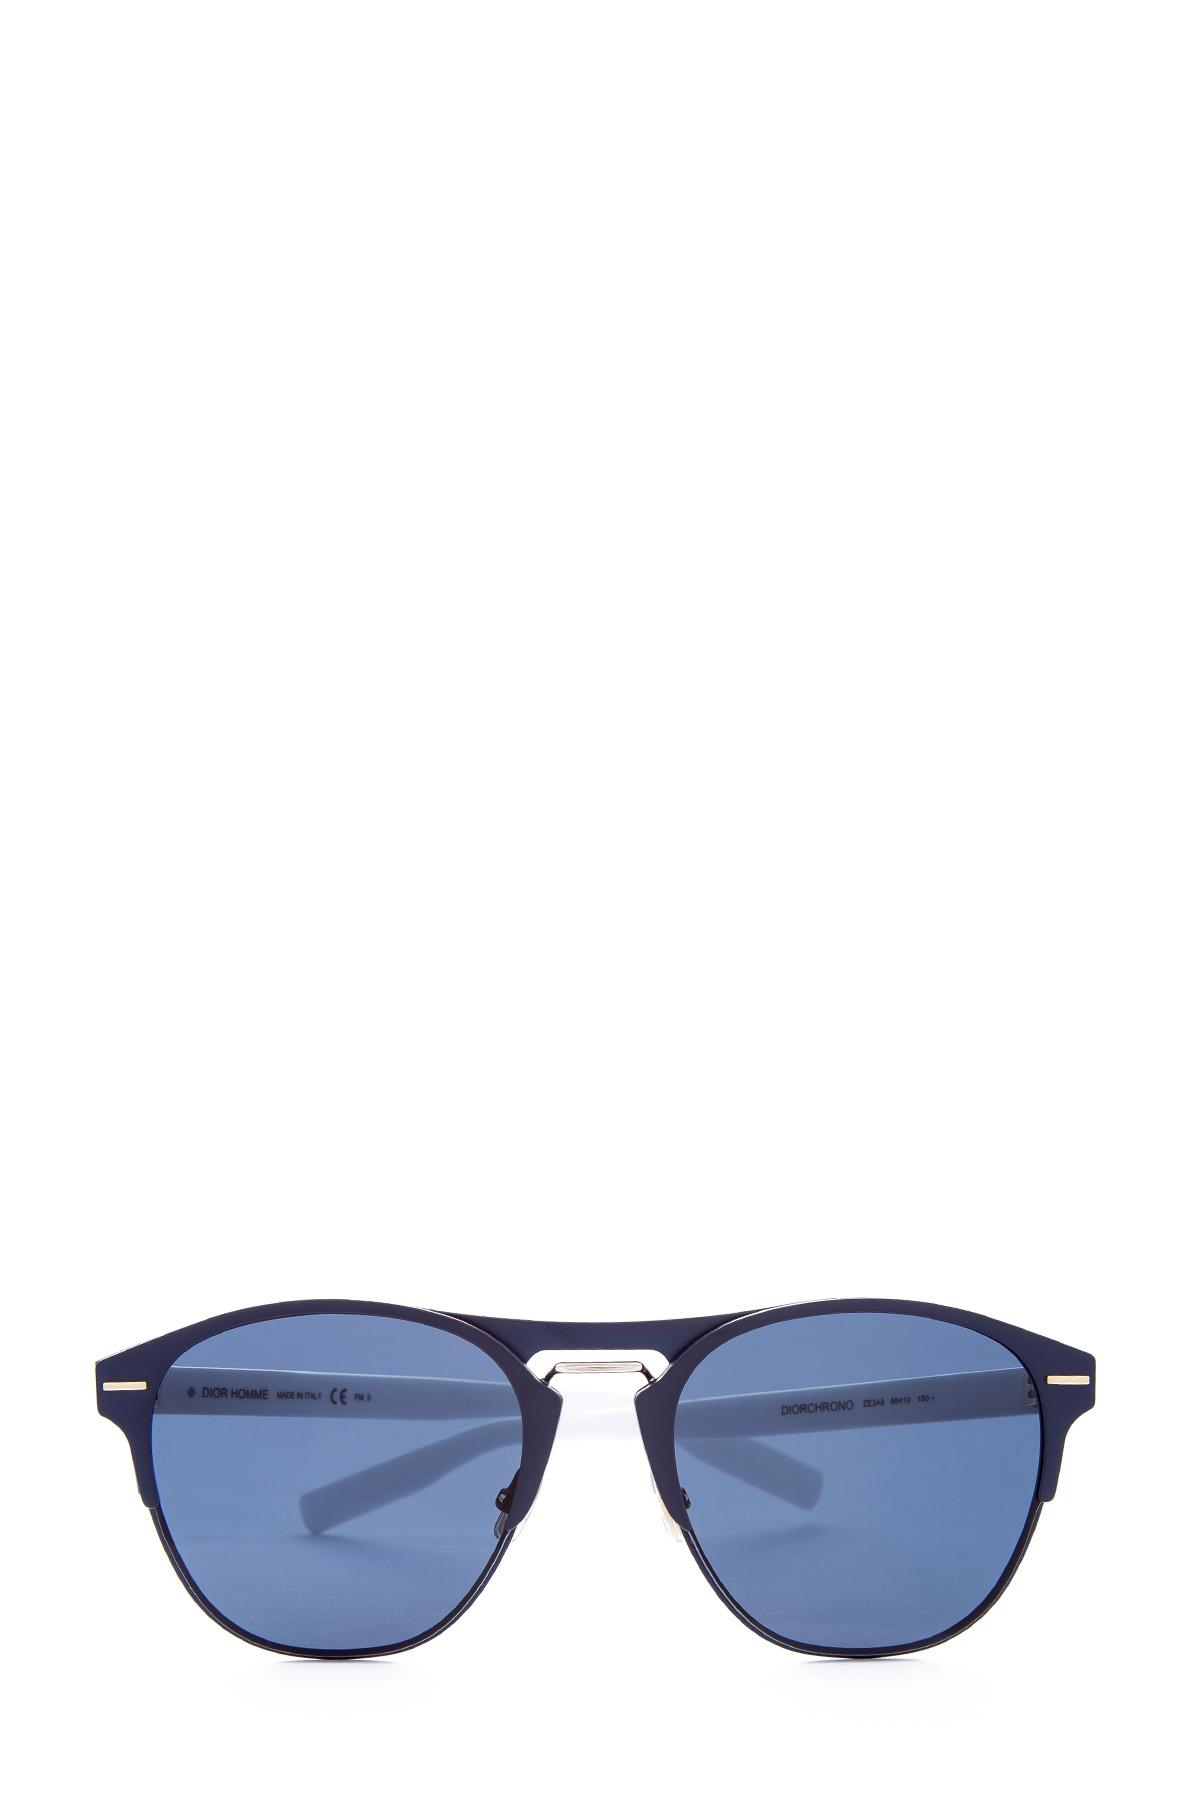 Купить Очки, DIOR (sunglasses) men, Франция, пластик 100%, стекло 100%